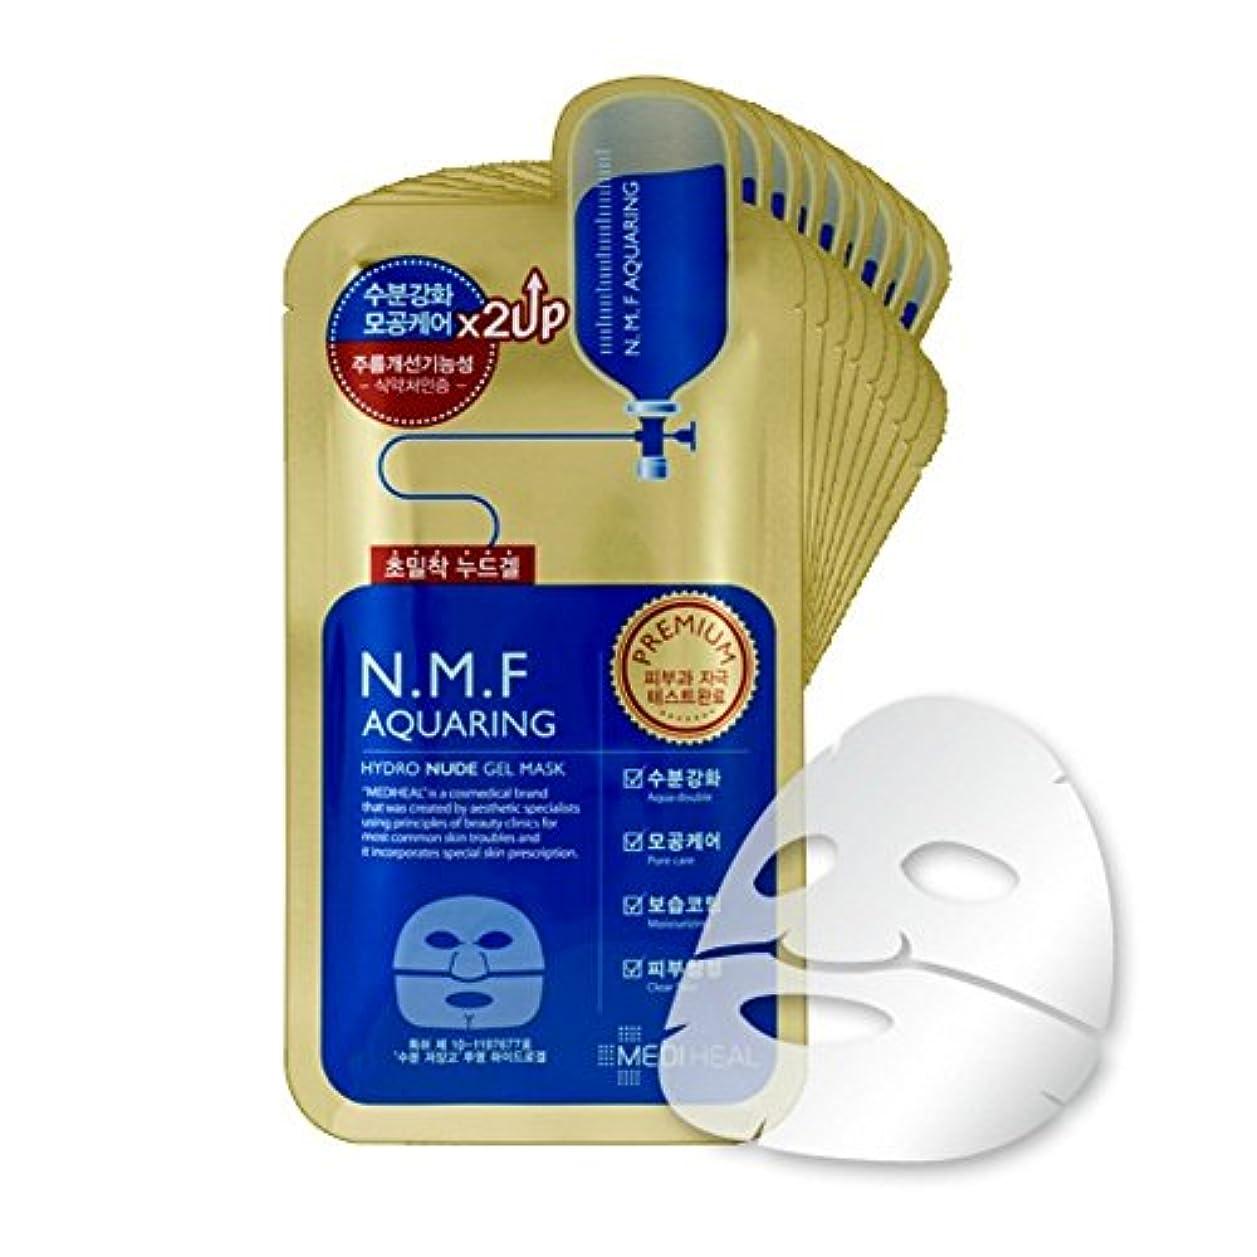 矩形上昇巨大なMEDIHEAL メディヒール NMF アクアリング ヌード ゲルマスク (10枚) [Mediheal premium NMF AQUARING Hydro Nude Gel 10 sheets] [並行輸入品]